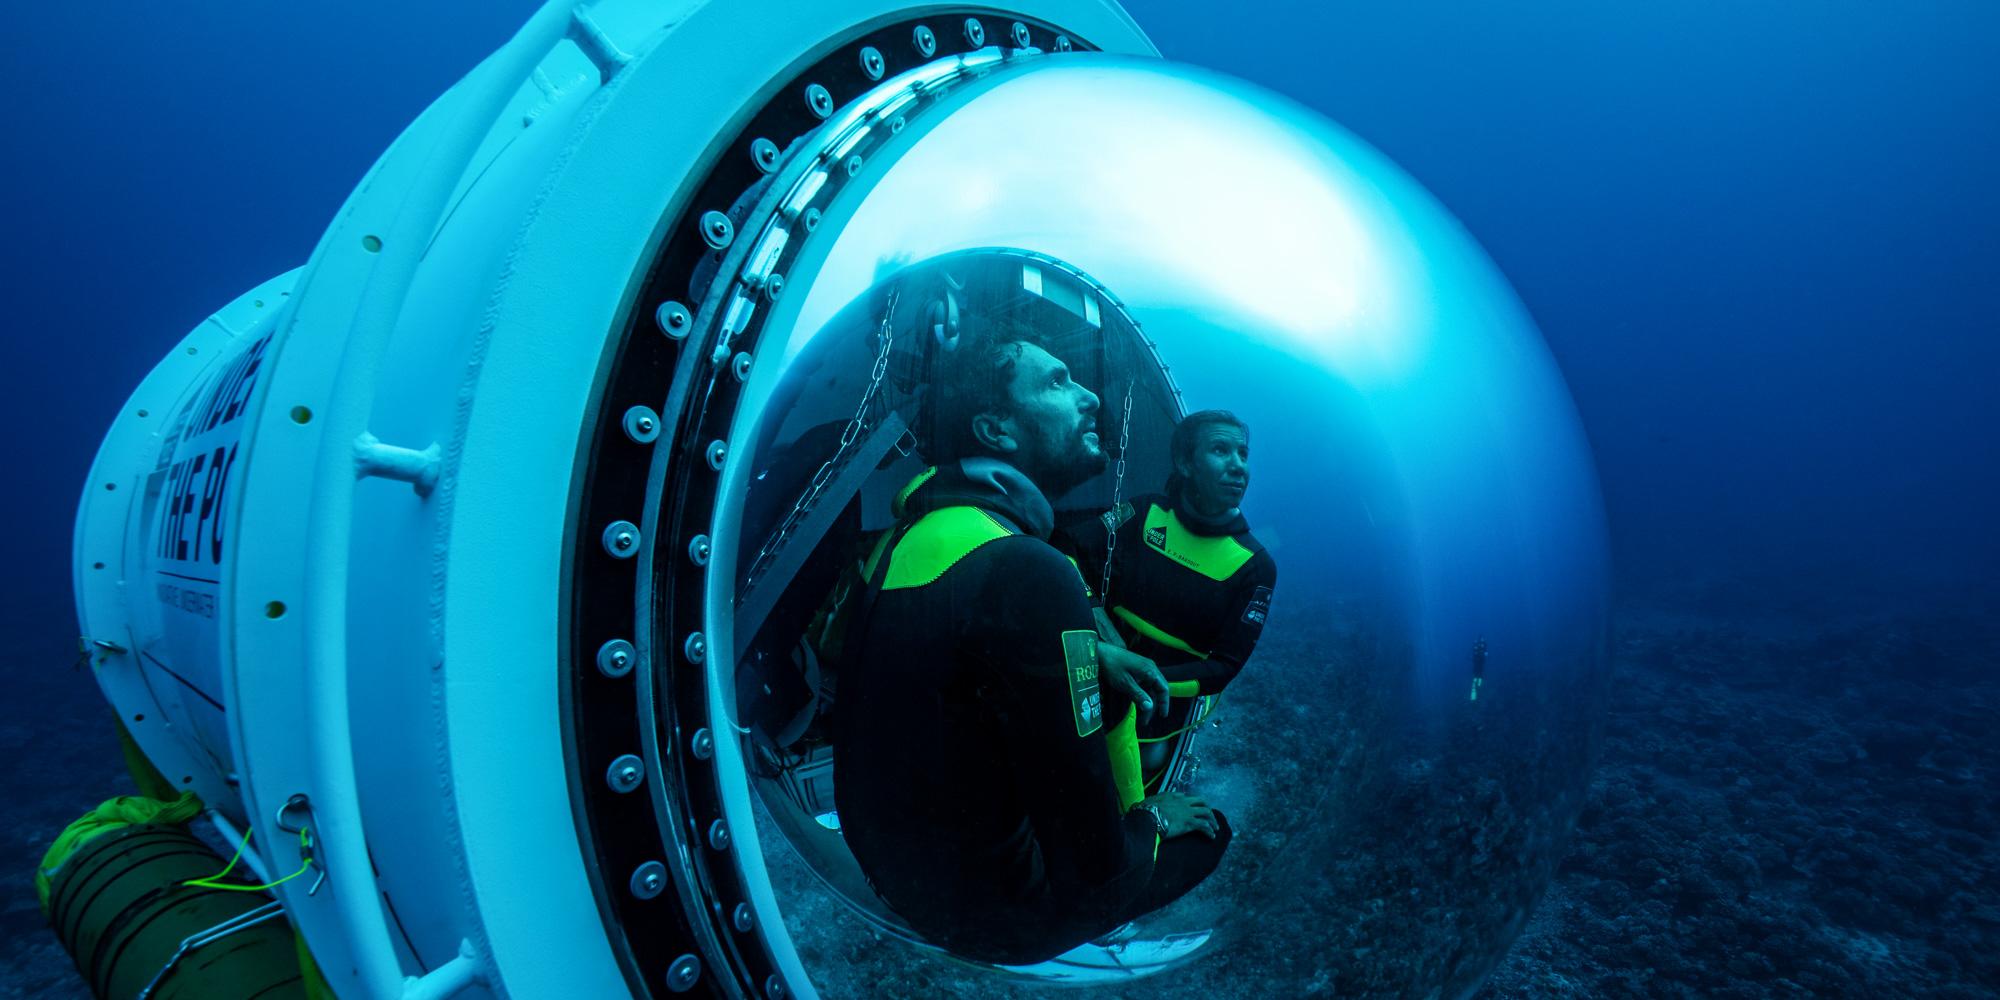 """Pour la première fois, les scientifiques ont pu tester la Capsule, un prototype d'habitat sous-marin. Leurs """"yeux et oreilles"""", des plongeurs expérimentés, y ont séjourné trois jours pour observer la vie corallienne sur une longue durée (crédit photo: Franck Gazzola / Under The Pole / Zeppelin Network )"""